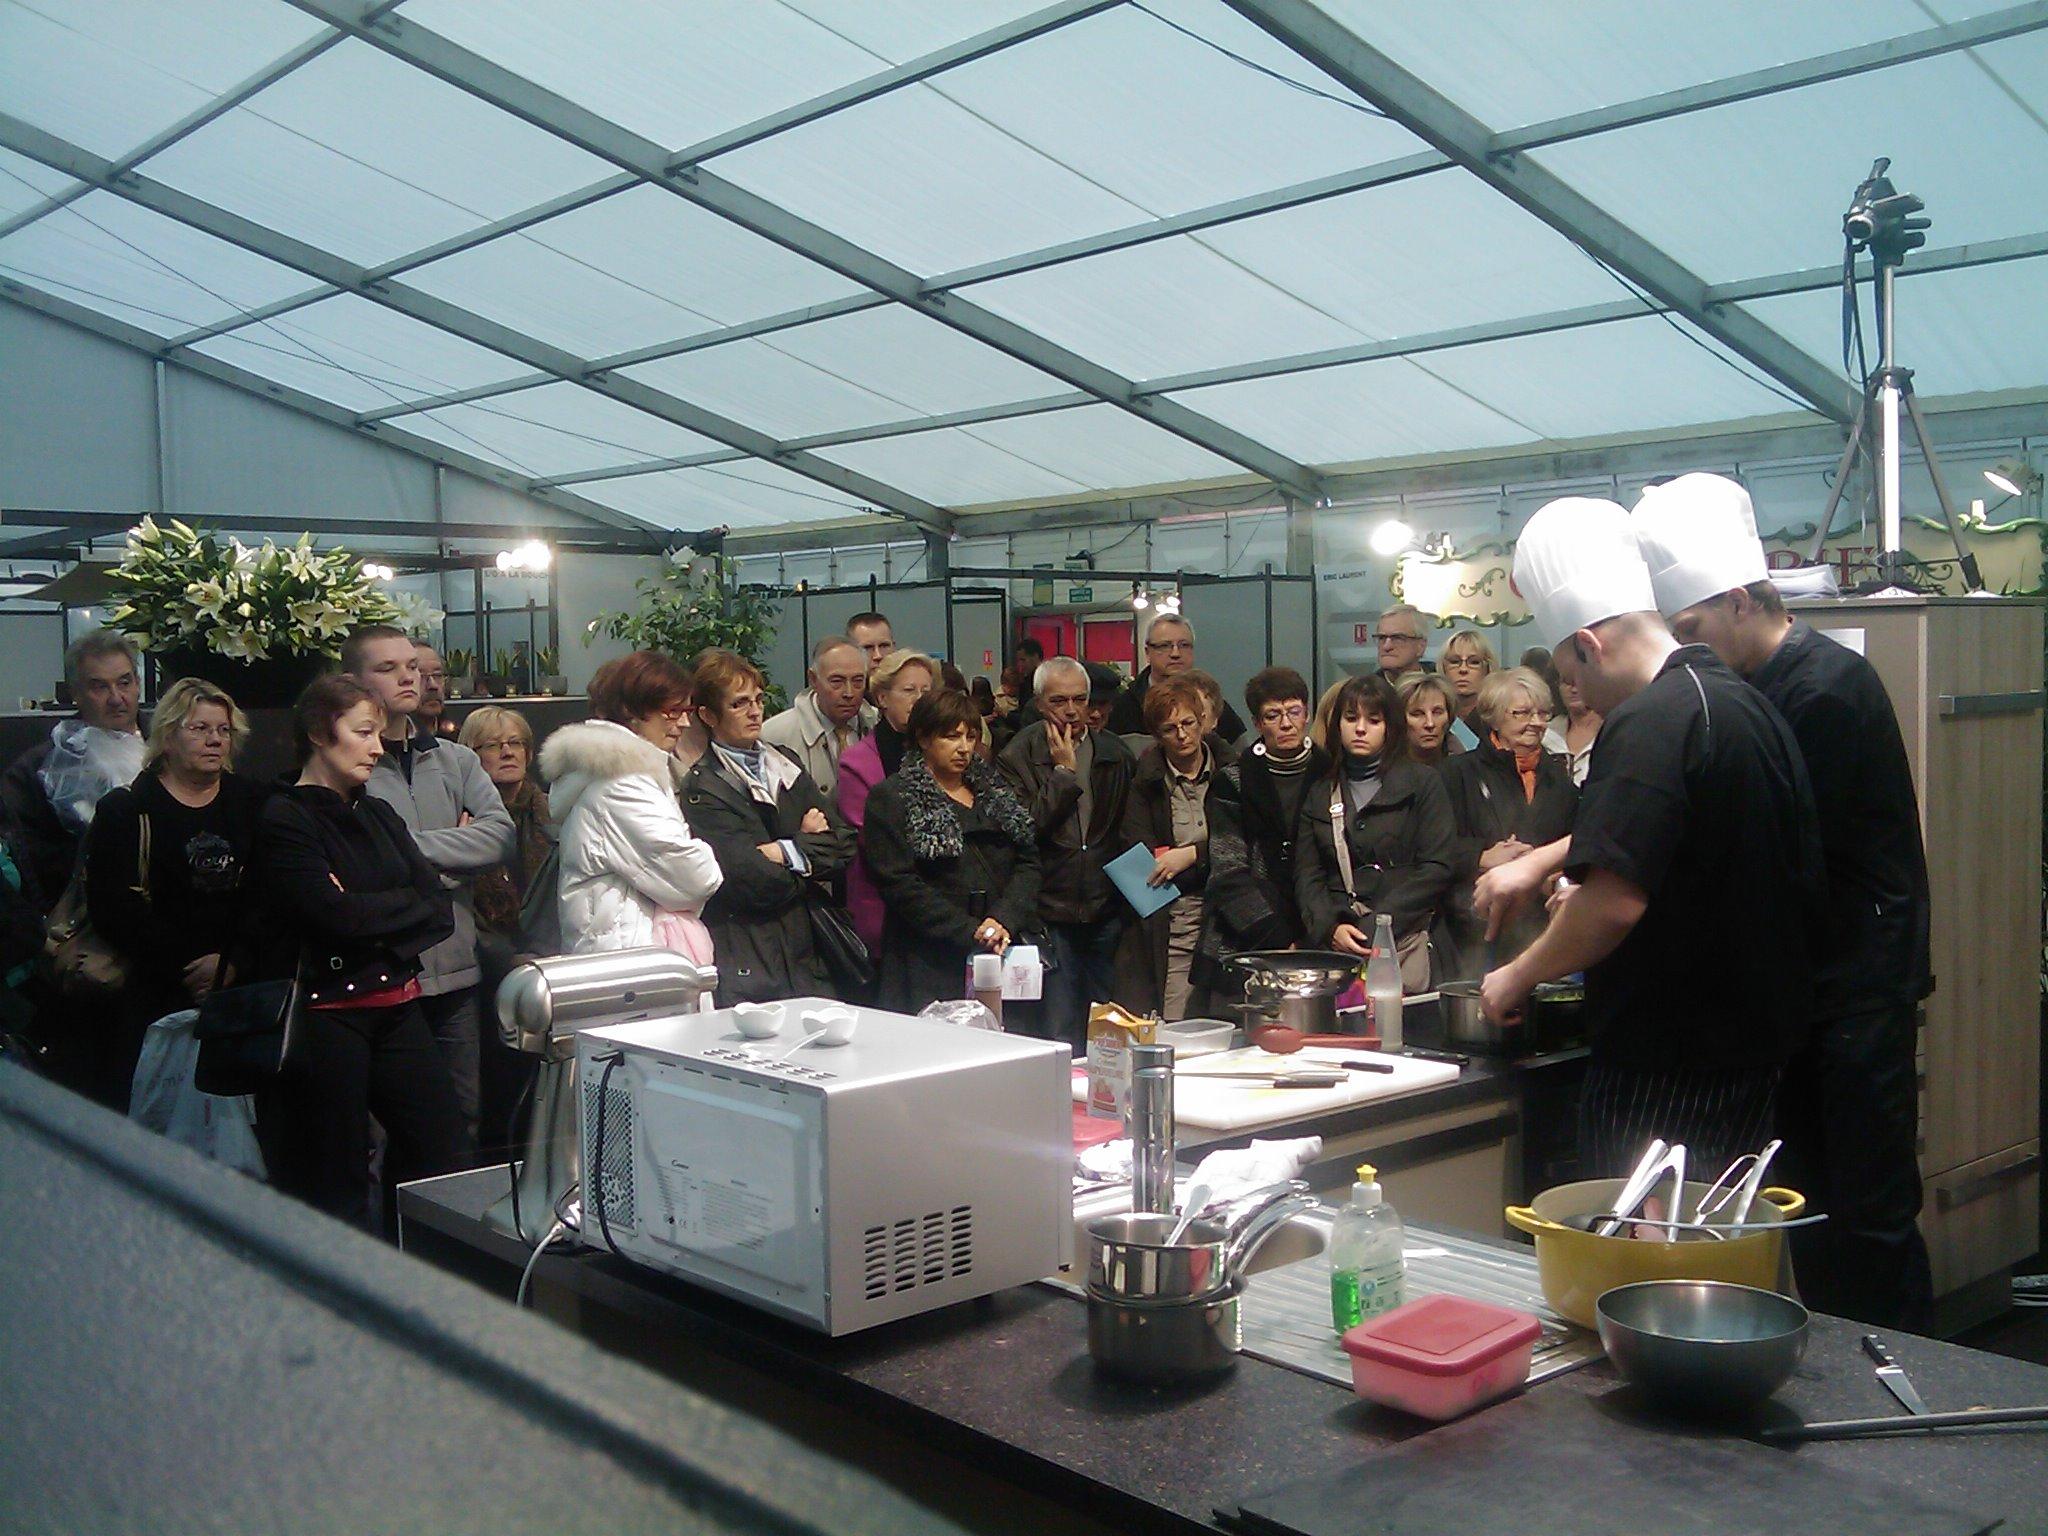 2ème édition du salon des arts culinaires bethune (62400) - Cours De Cuisine Bethune